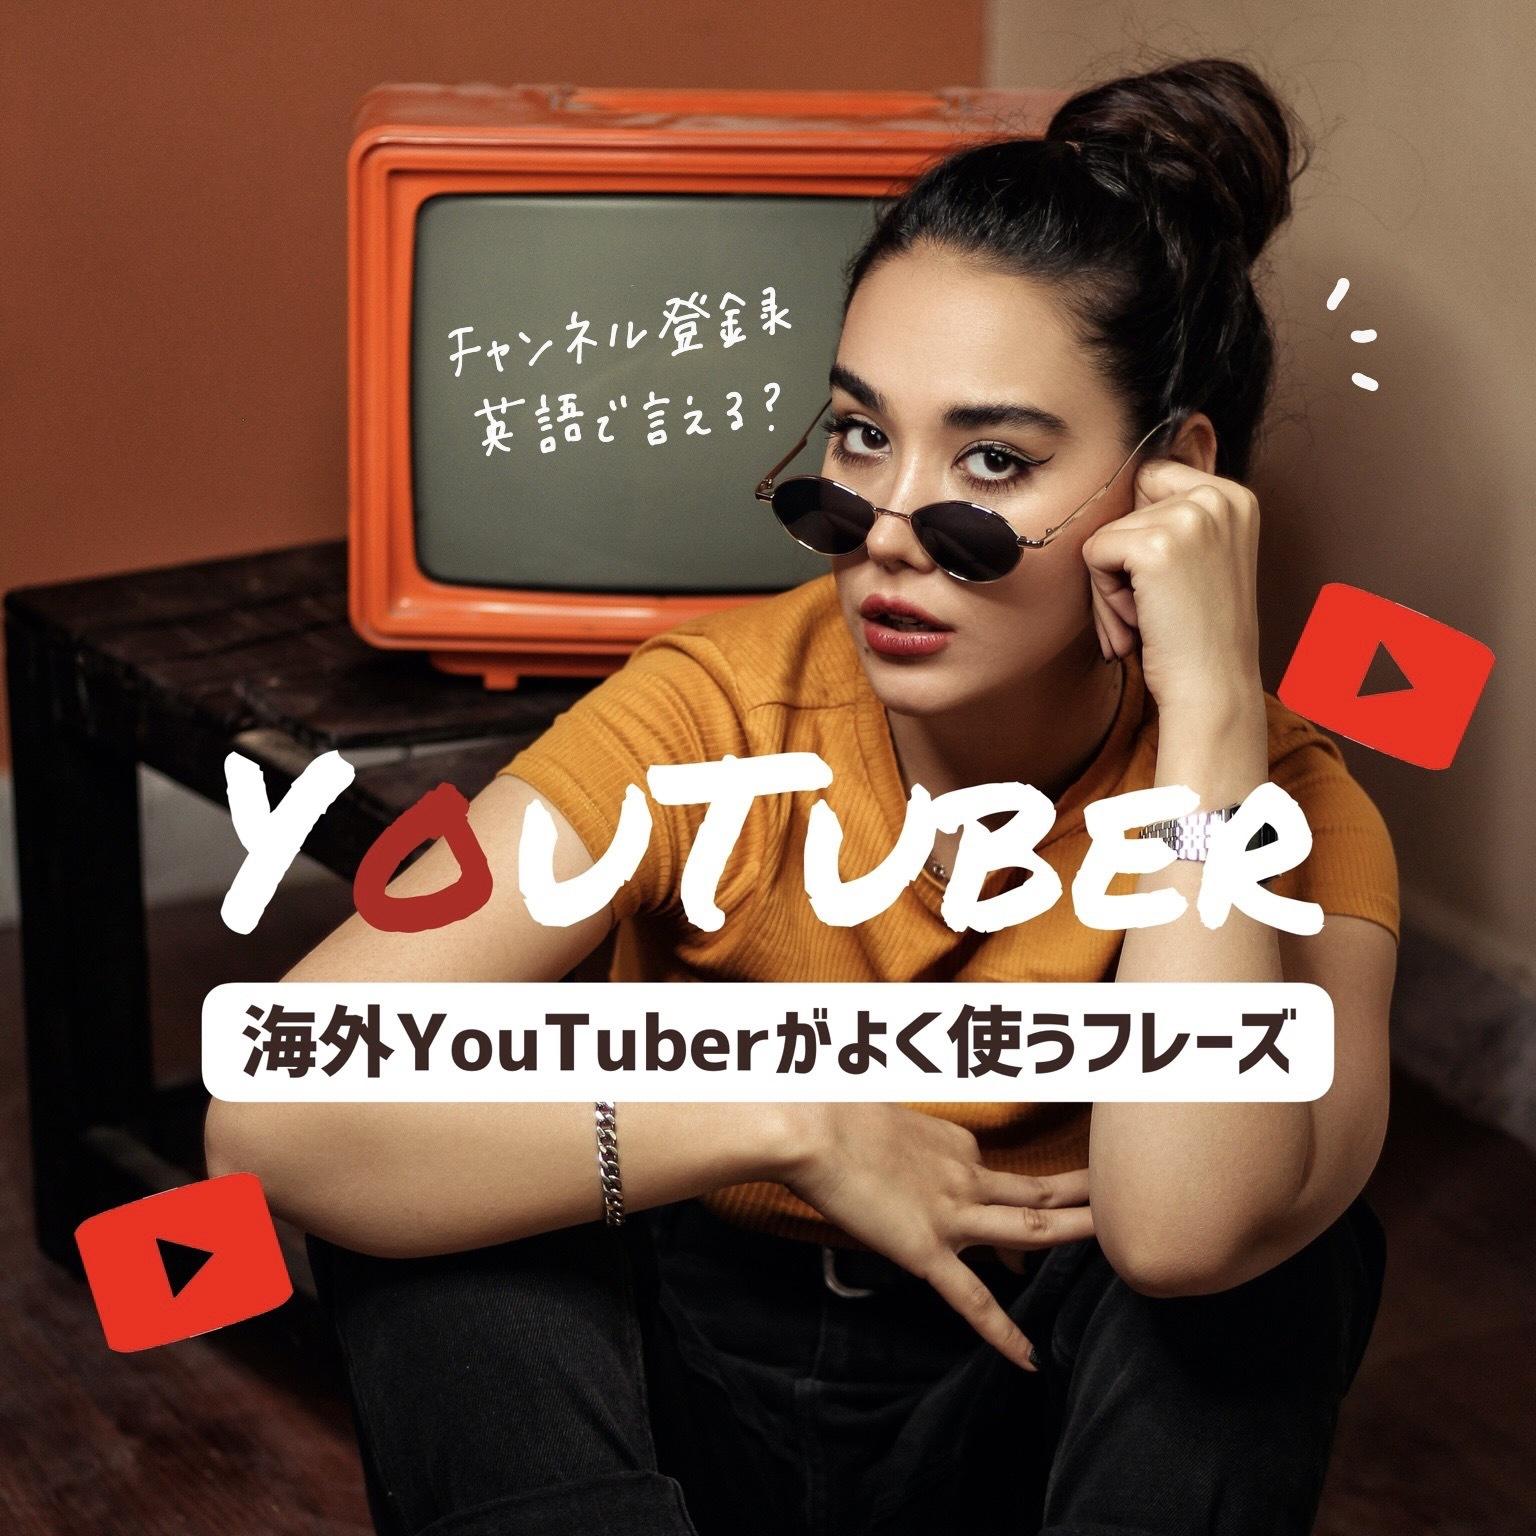 海外YouTuberがよく使うフレーズ!